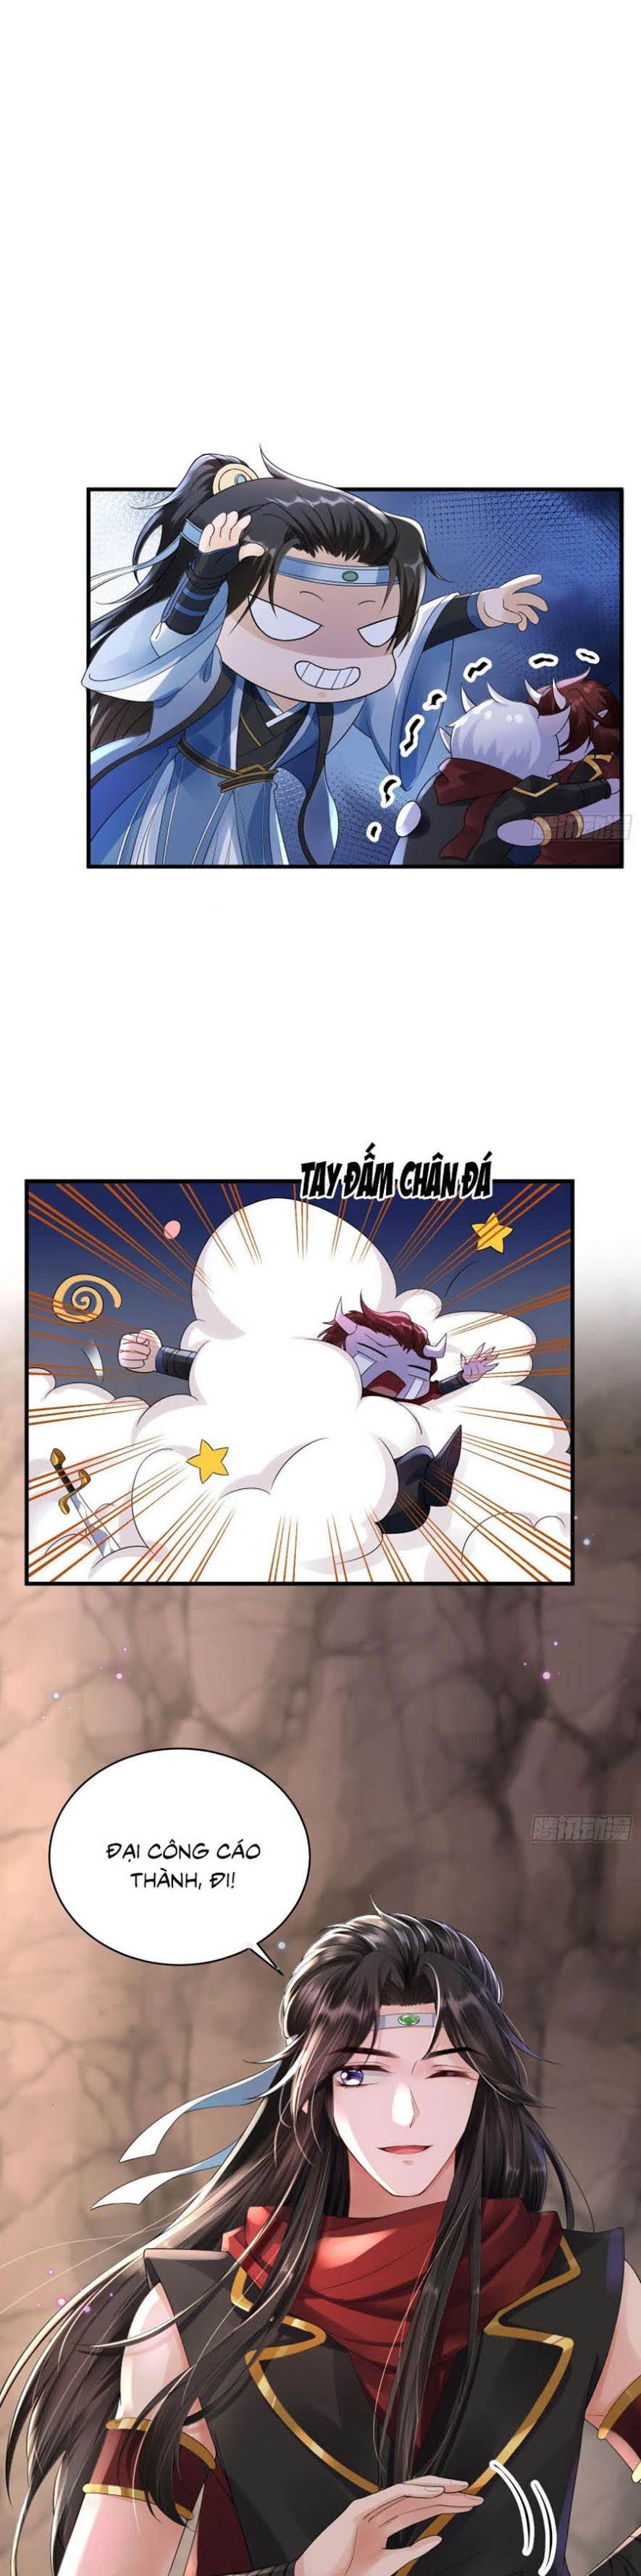 Ma Đầu Vạn Ác Năm Tuổi Rưỡi Chapter 2 - upload bởi truyensieuhay.com